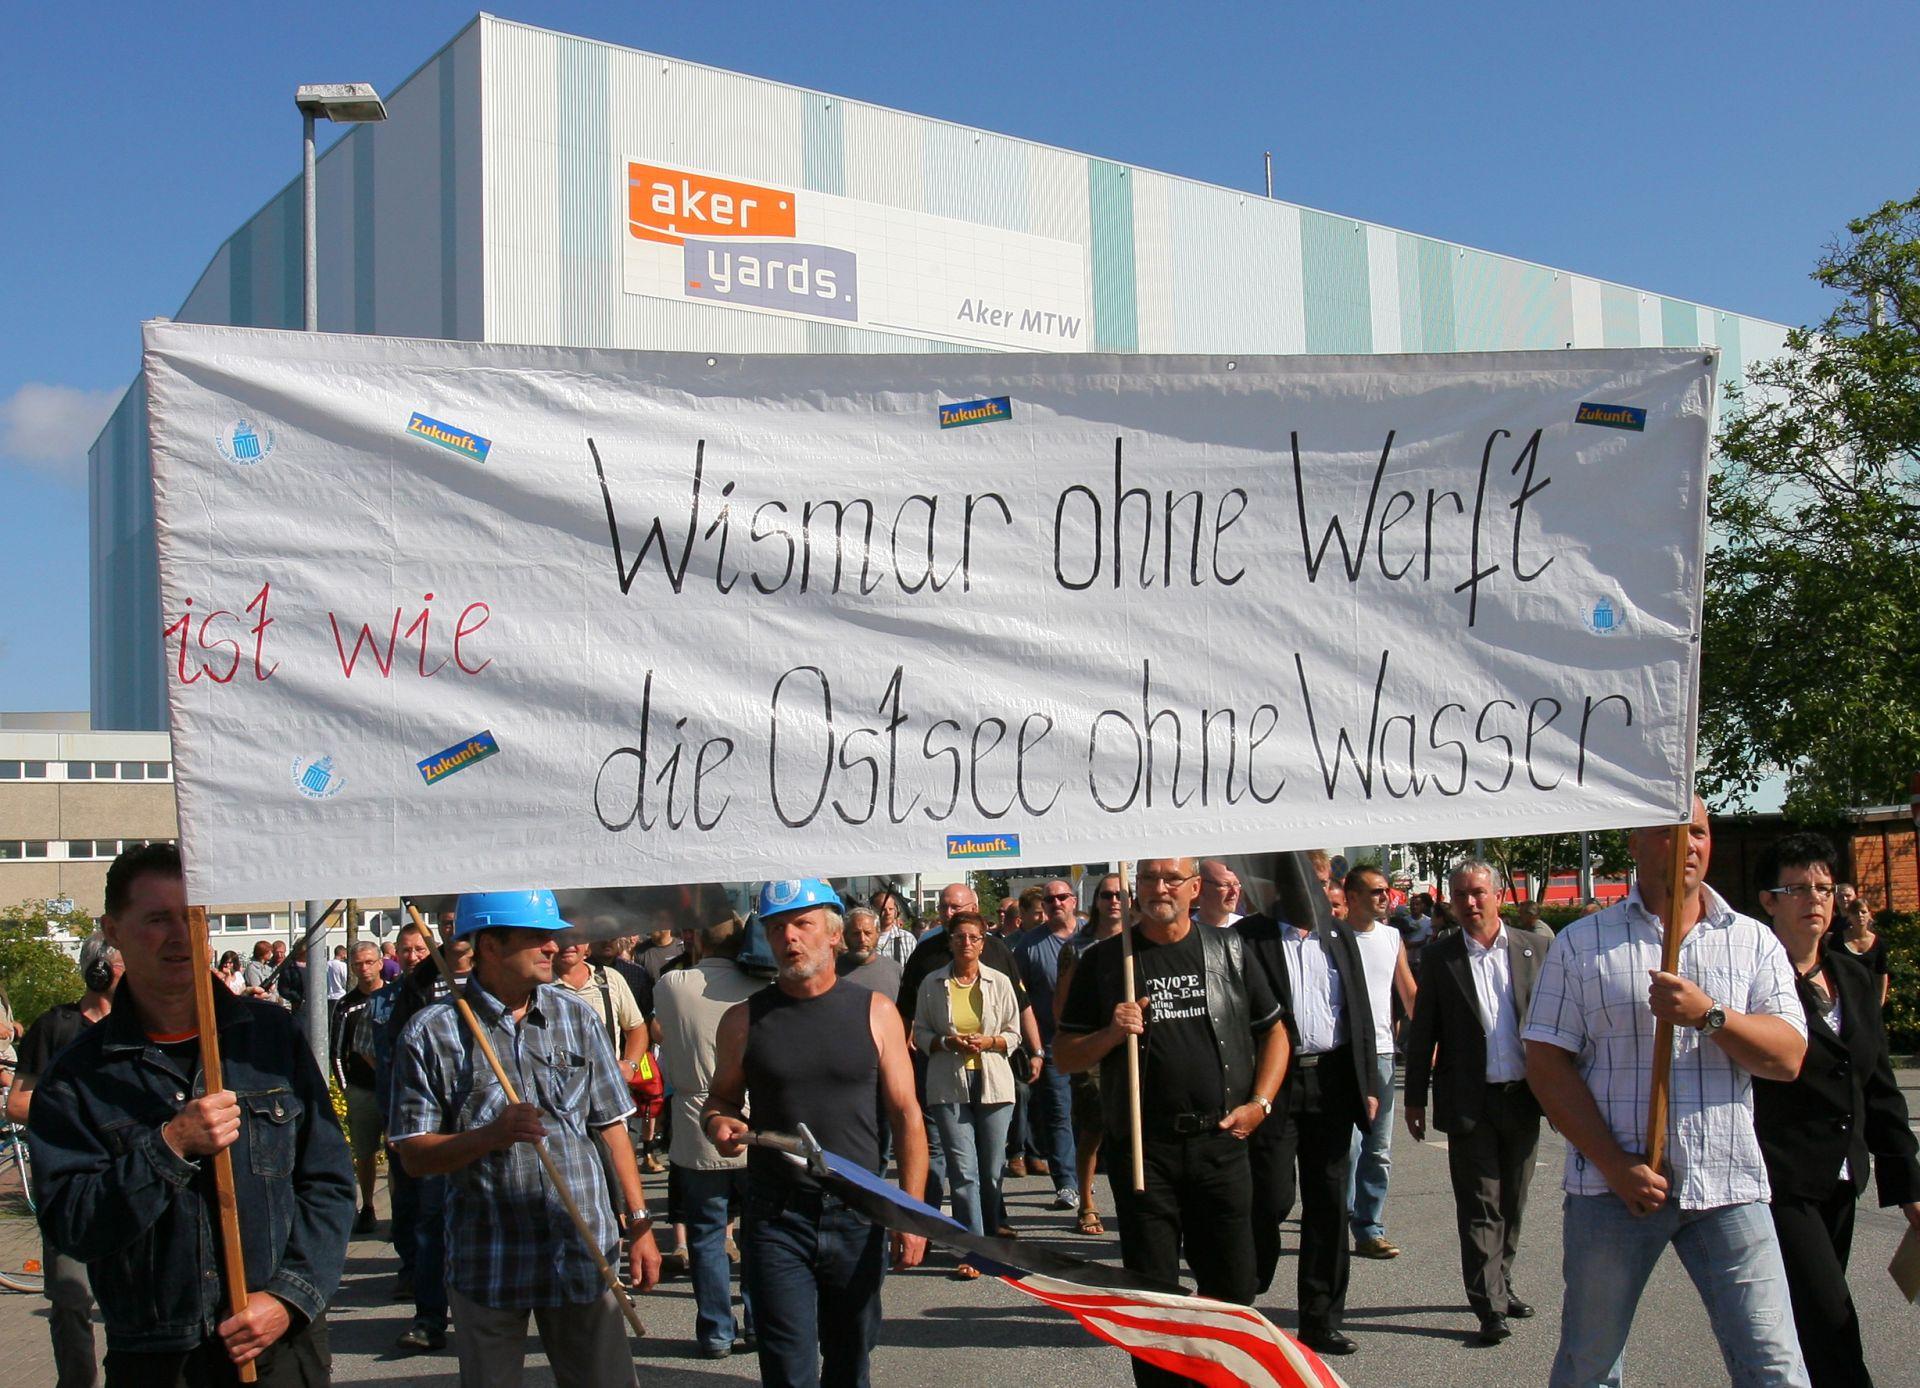 Vor der Wadan-Werft in Wismar sammeln sich am Freitag (31.07.2009) die Werftarbeiter für eine anschließende Demonstration. Rund 1.500 Menschen beteiligen sich an dem Zug durch die Hansestadt, um auf das Drama an den Wadan-Standorten aufmerksam zu machen. Vom kommenden Montag (03.08.2009) an wird die Arbeit auf den insolventen Wadan-Werften in Wismar und Rostock-Warnemünde ruhen. In den geplanten Beschäftigungsgesellschaften sollen dann die noch 2.400Wadan-Arbeiter aufgefangen werden, wenn die notwendigeZustimmungsquote von 95 Prozent erfüllt wird. Foto: Bernd Wüstneck dpa/lmv/lno (zu dpa 0348 und 0491 vom 31.07.2009) +++(c) dpa - Report+++